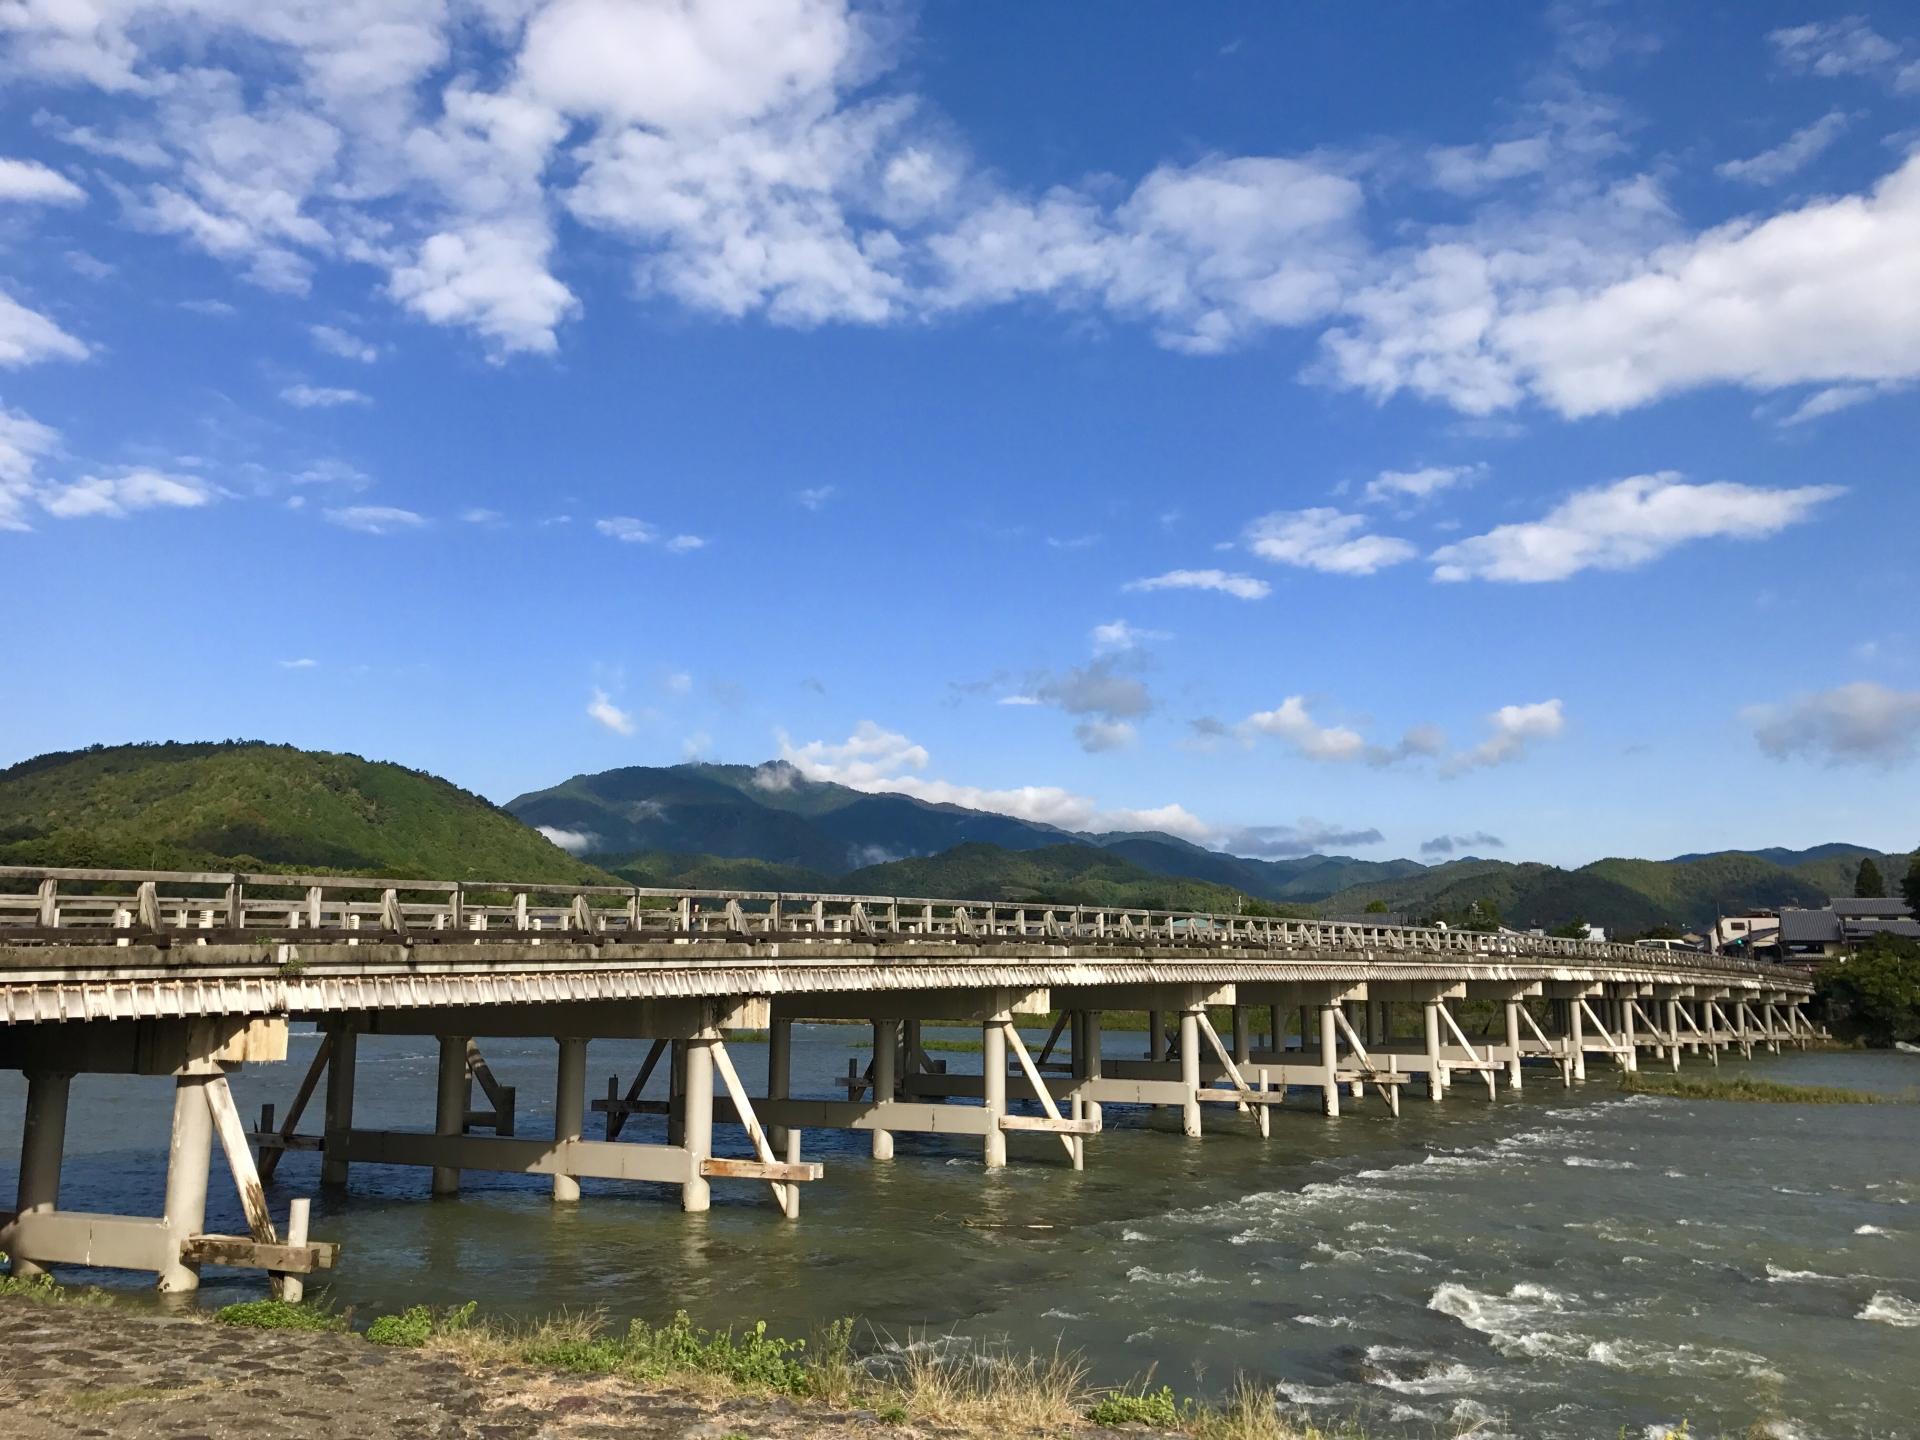 渡月橋へのアクセスや駐車場と観光ポイント、氾濫や通行止め情報